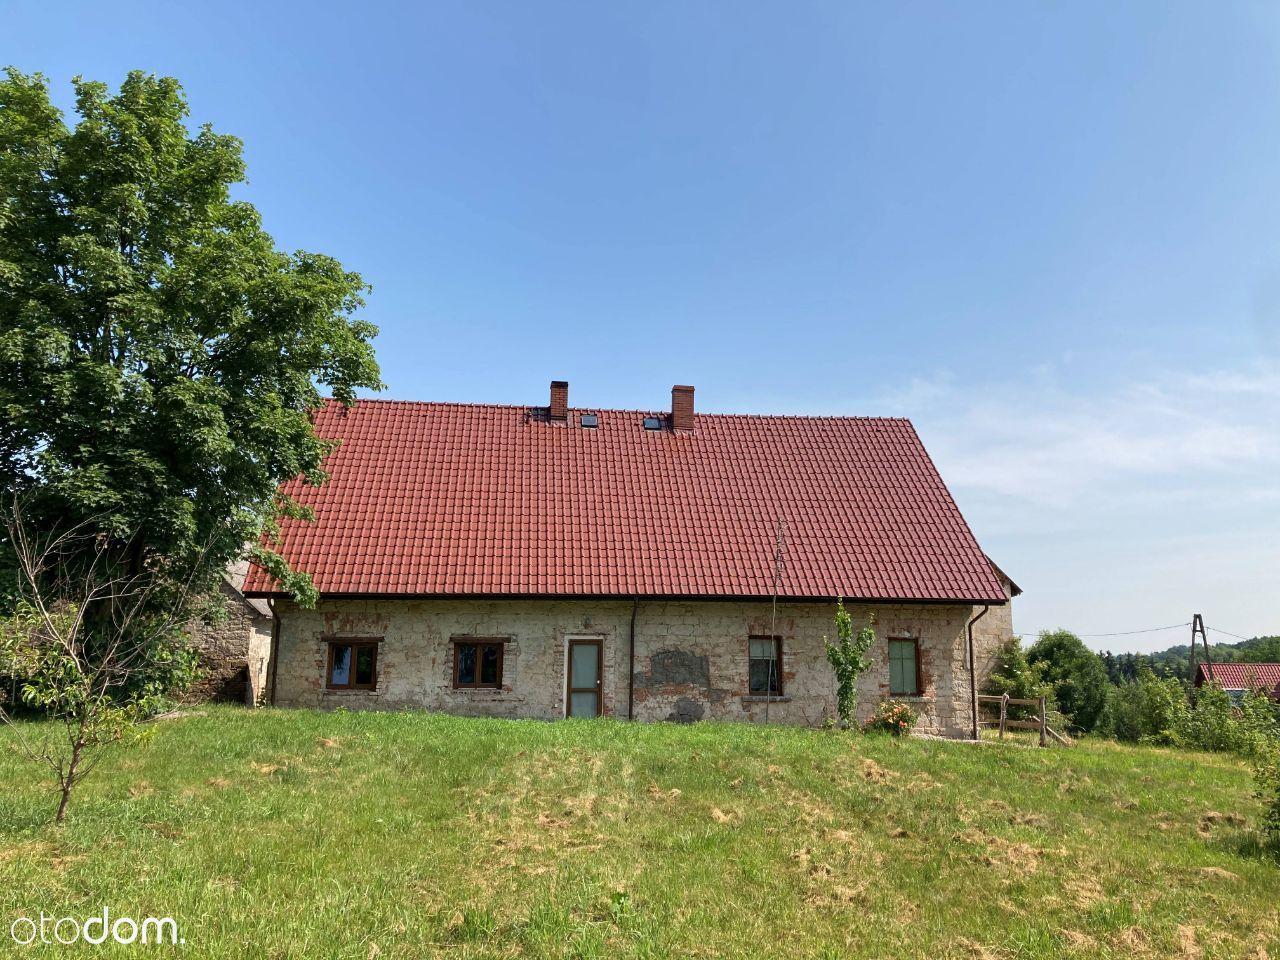 Dom z zabudowaniami (stajnie, stodoła, garaże)